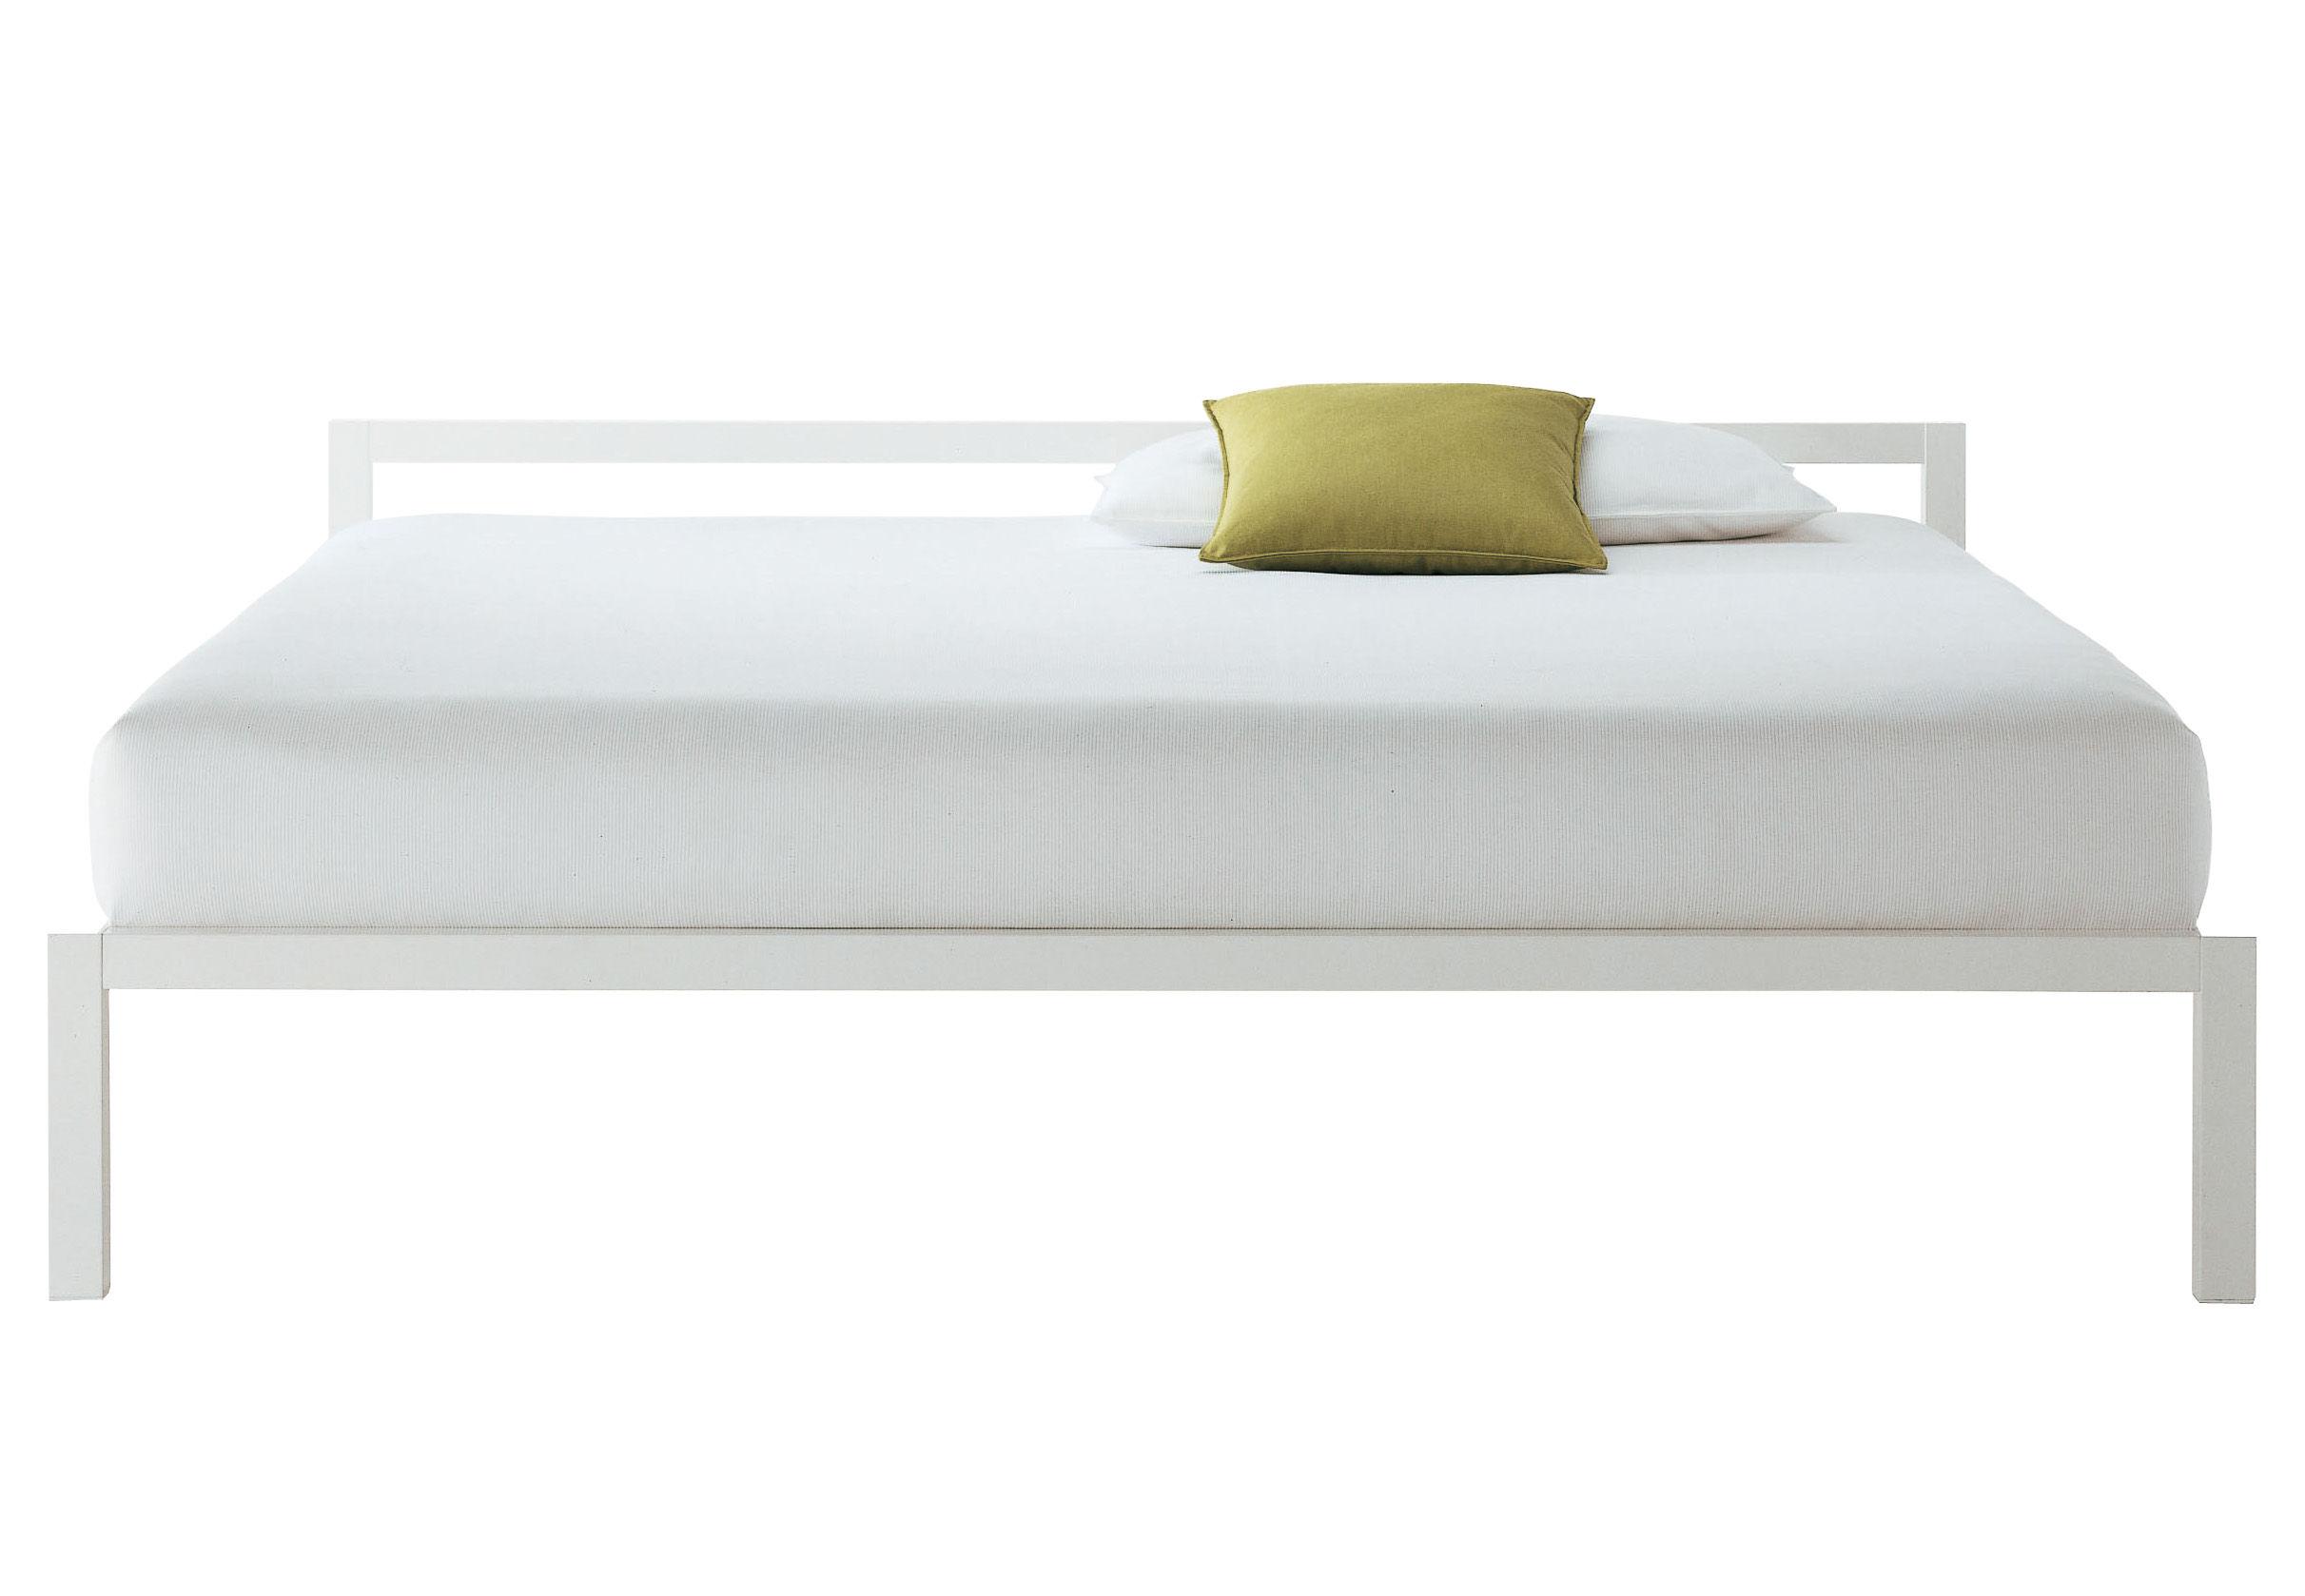 aluminium mdf italia doppelbett. Black Bedroom Furniture Sets. Home Design Ideas